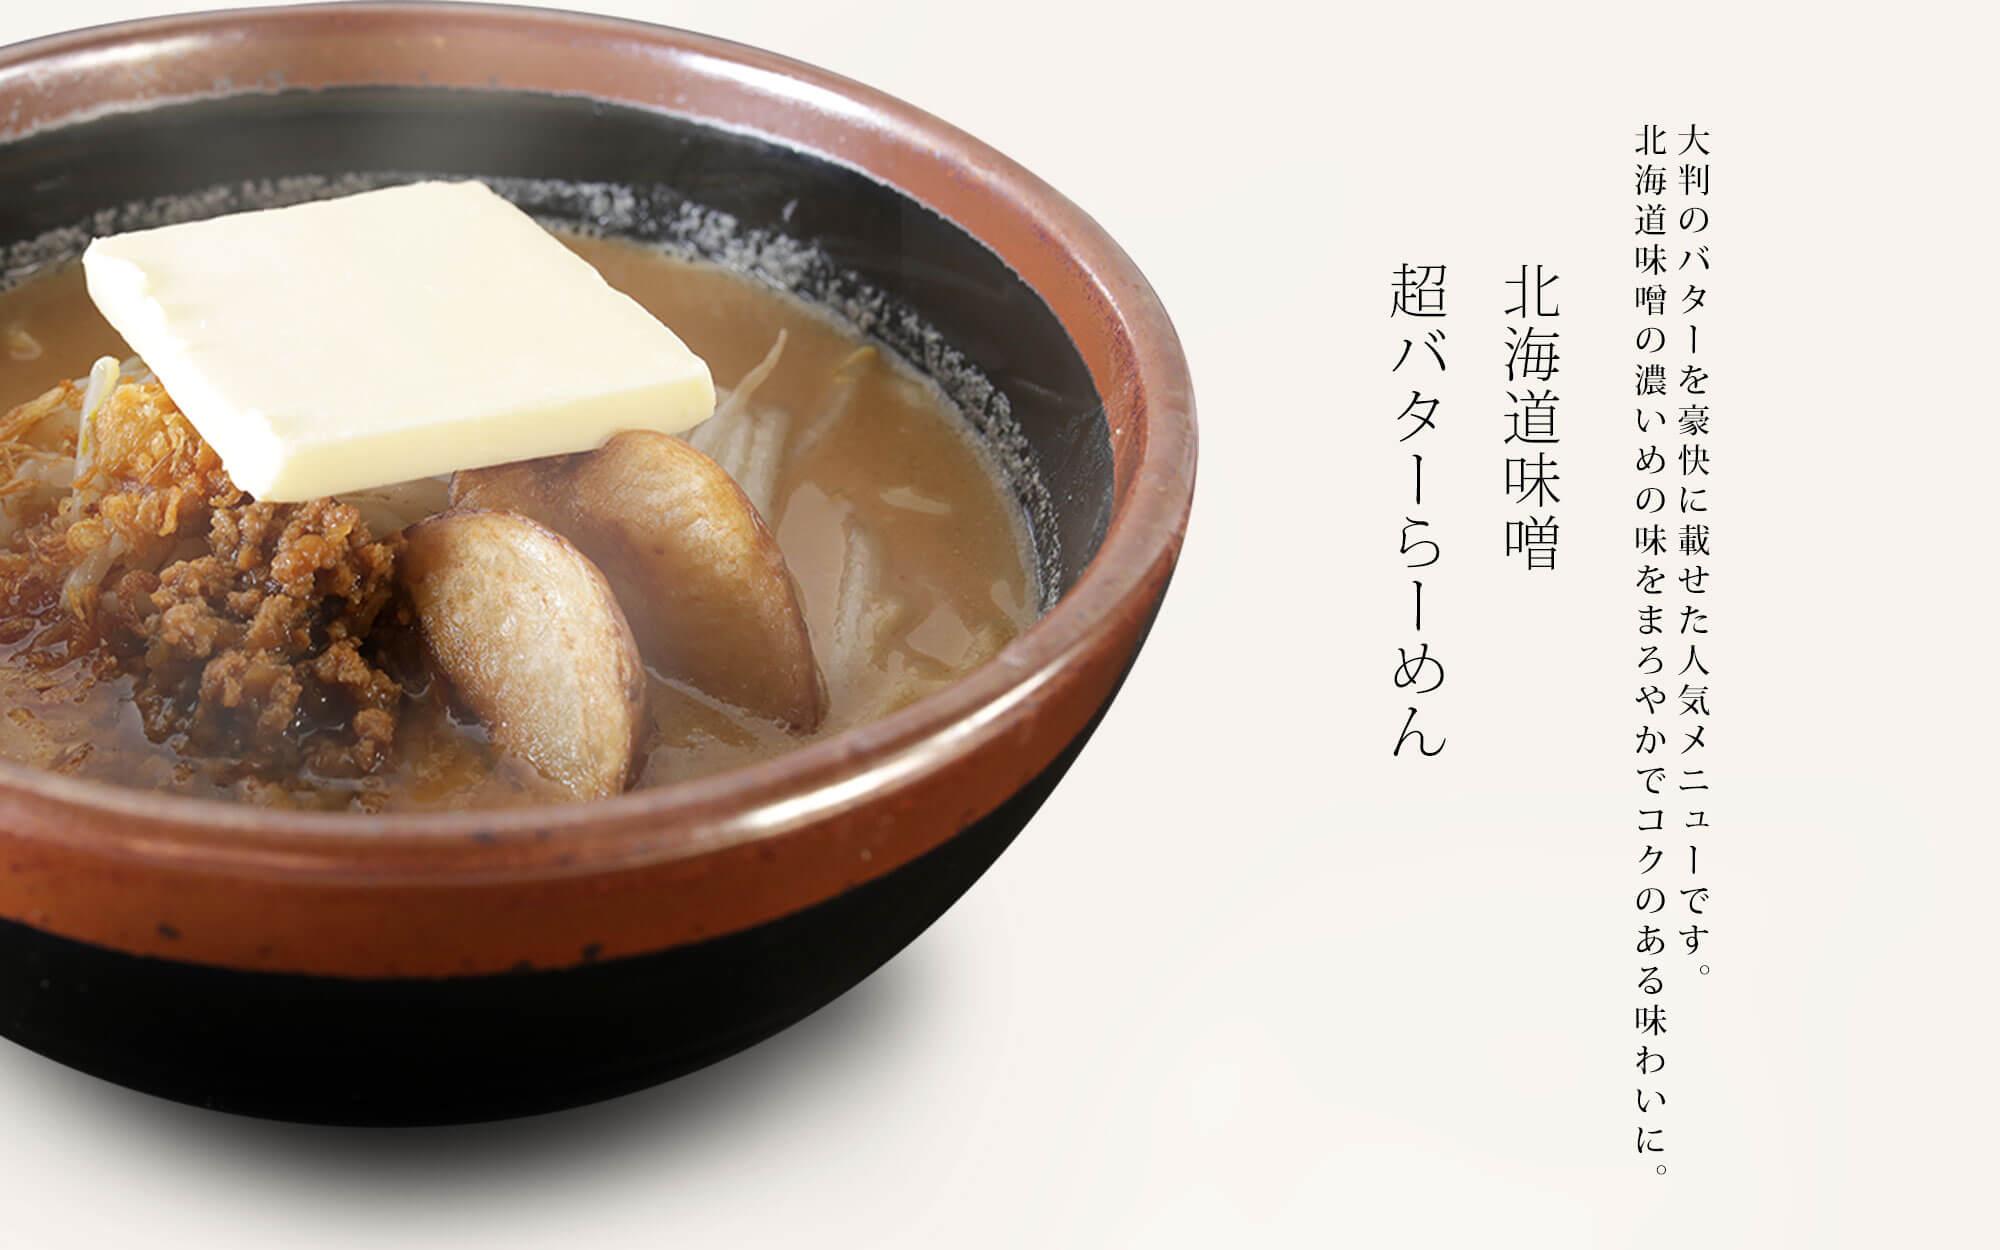 【北海道味噌 超バターらーめん】大判のバターを豪快に載せた人気メニューです。北海道味噌の濃いめの味をまろやかでコクのある味わに。